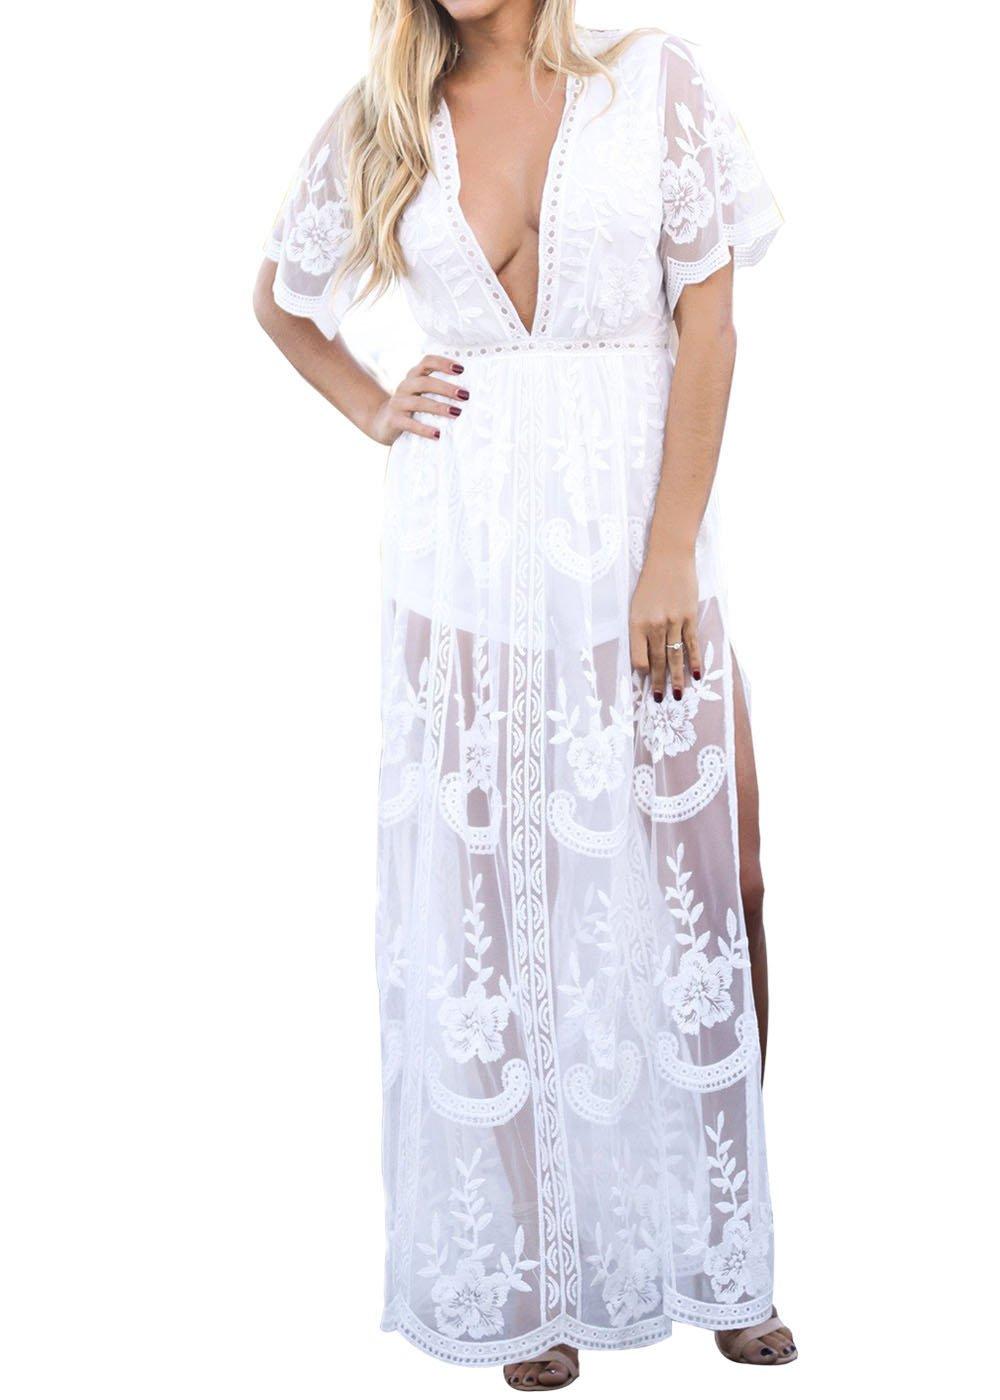 Eleter Women's Deep V-Neck Lace Romper Short Sleeve Long Dress (L,White)